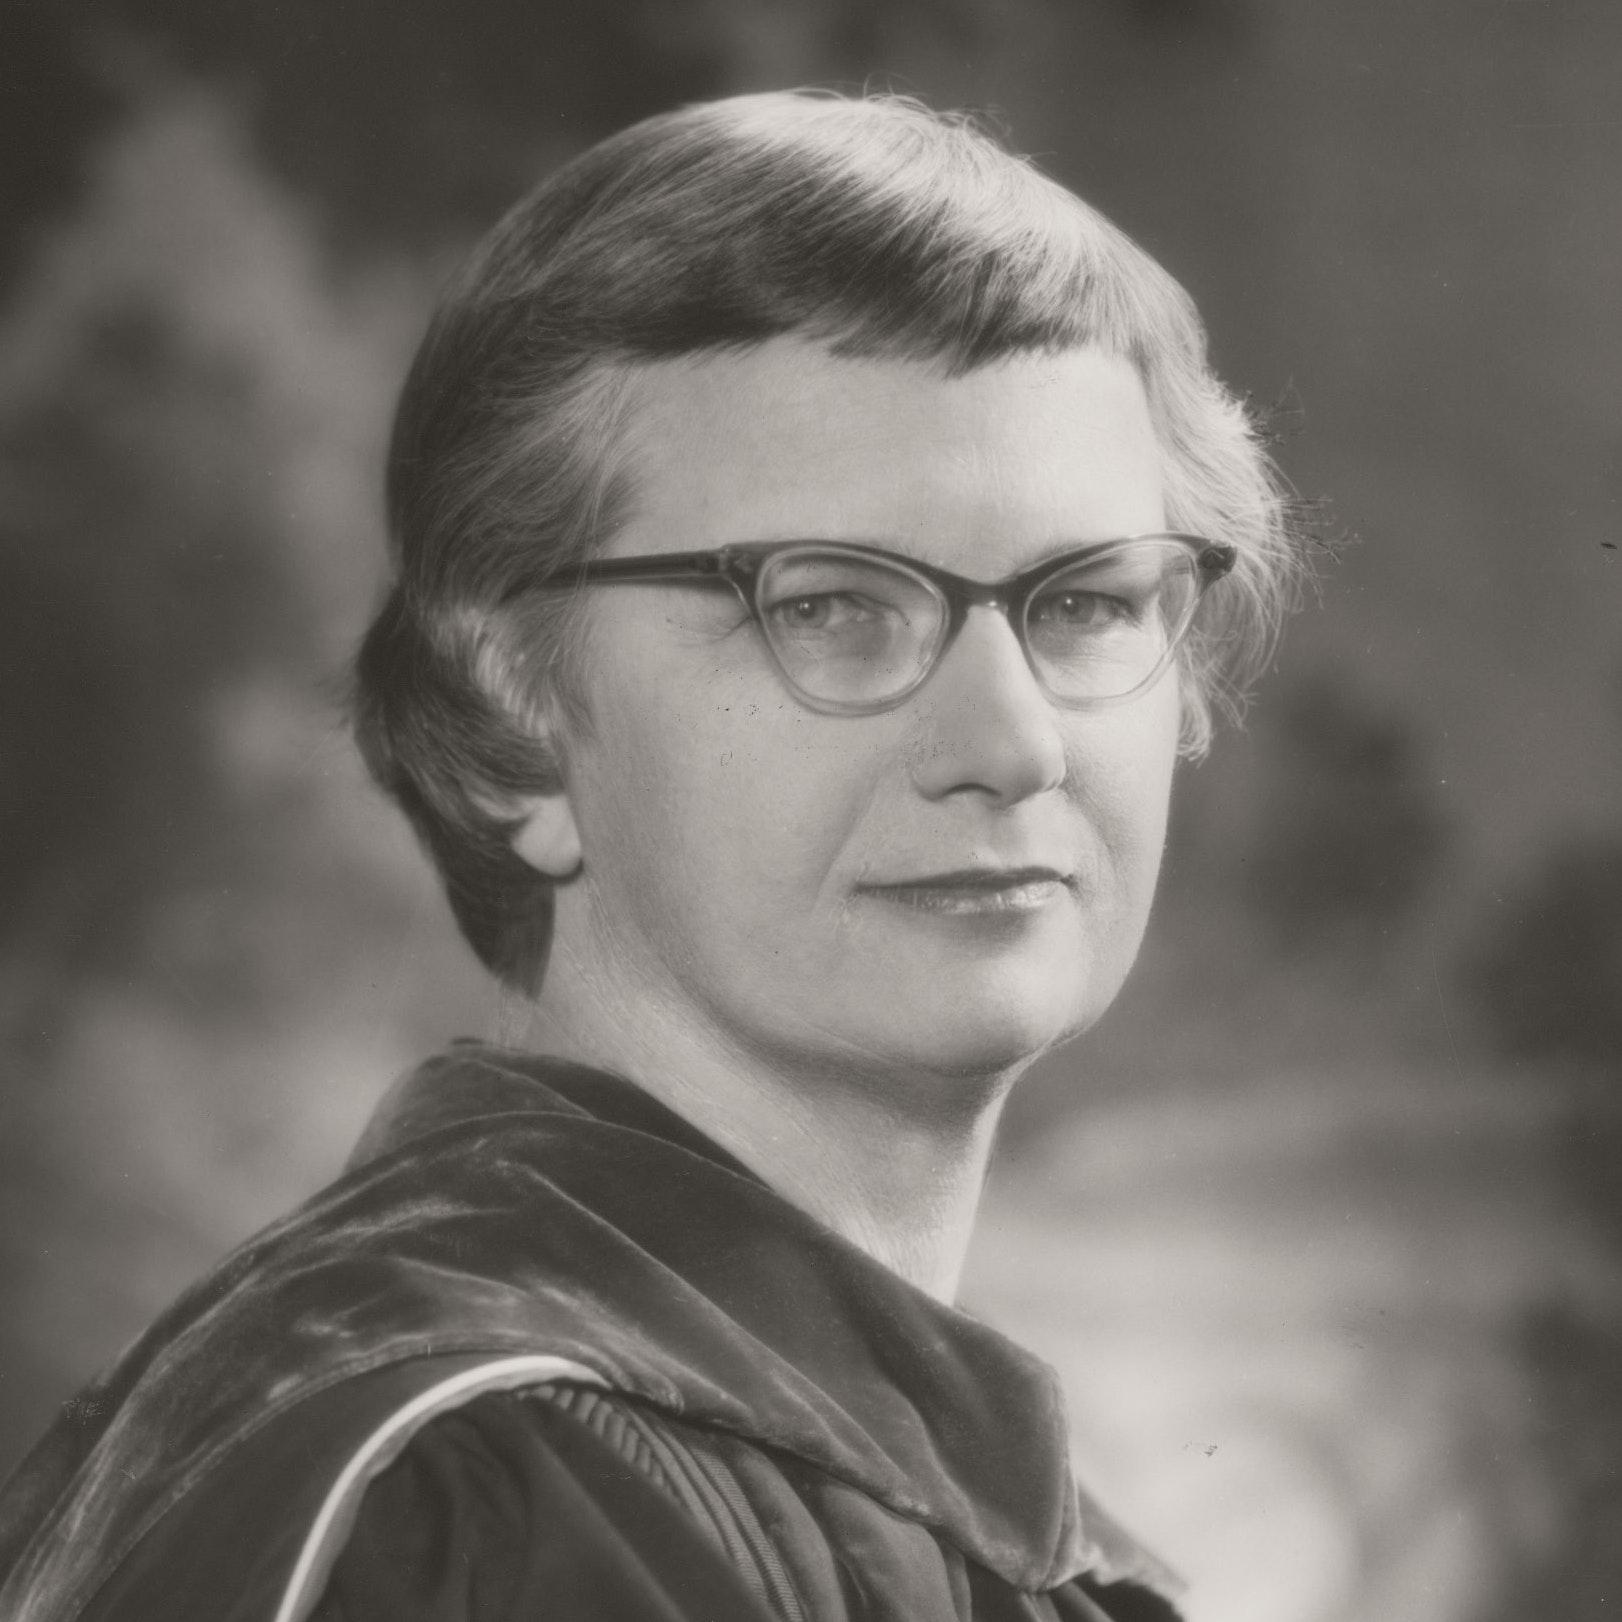 Portrait of Mary Ingraham Bunting